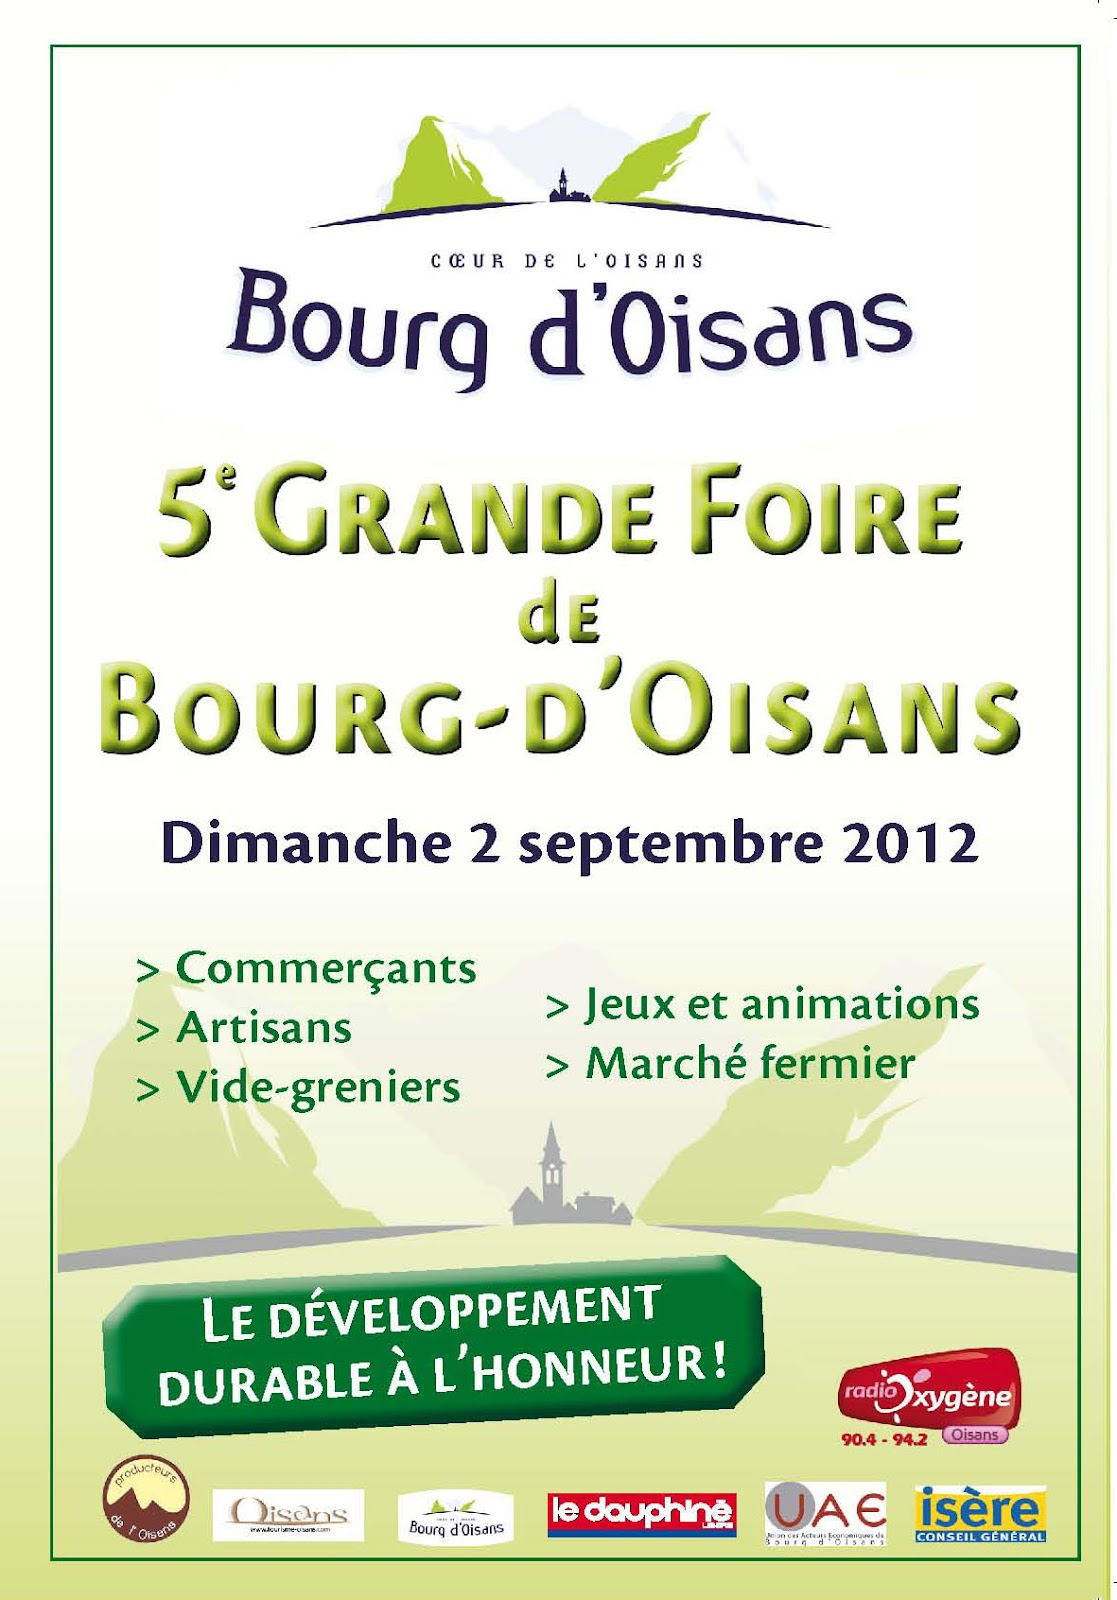 News de l 39 office de tourisme bourg d 39 oisans grande foire de bourg d 39 oisans - Bourg d oisans office tourisme ...